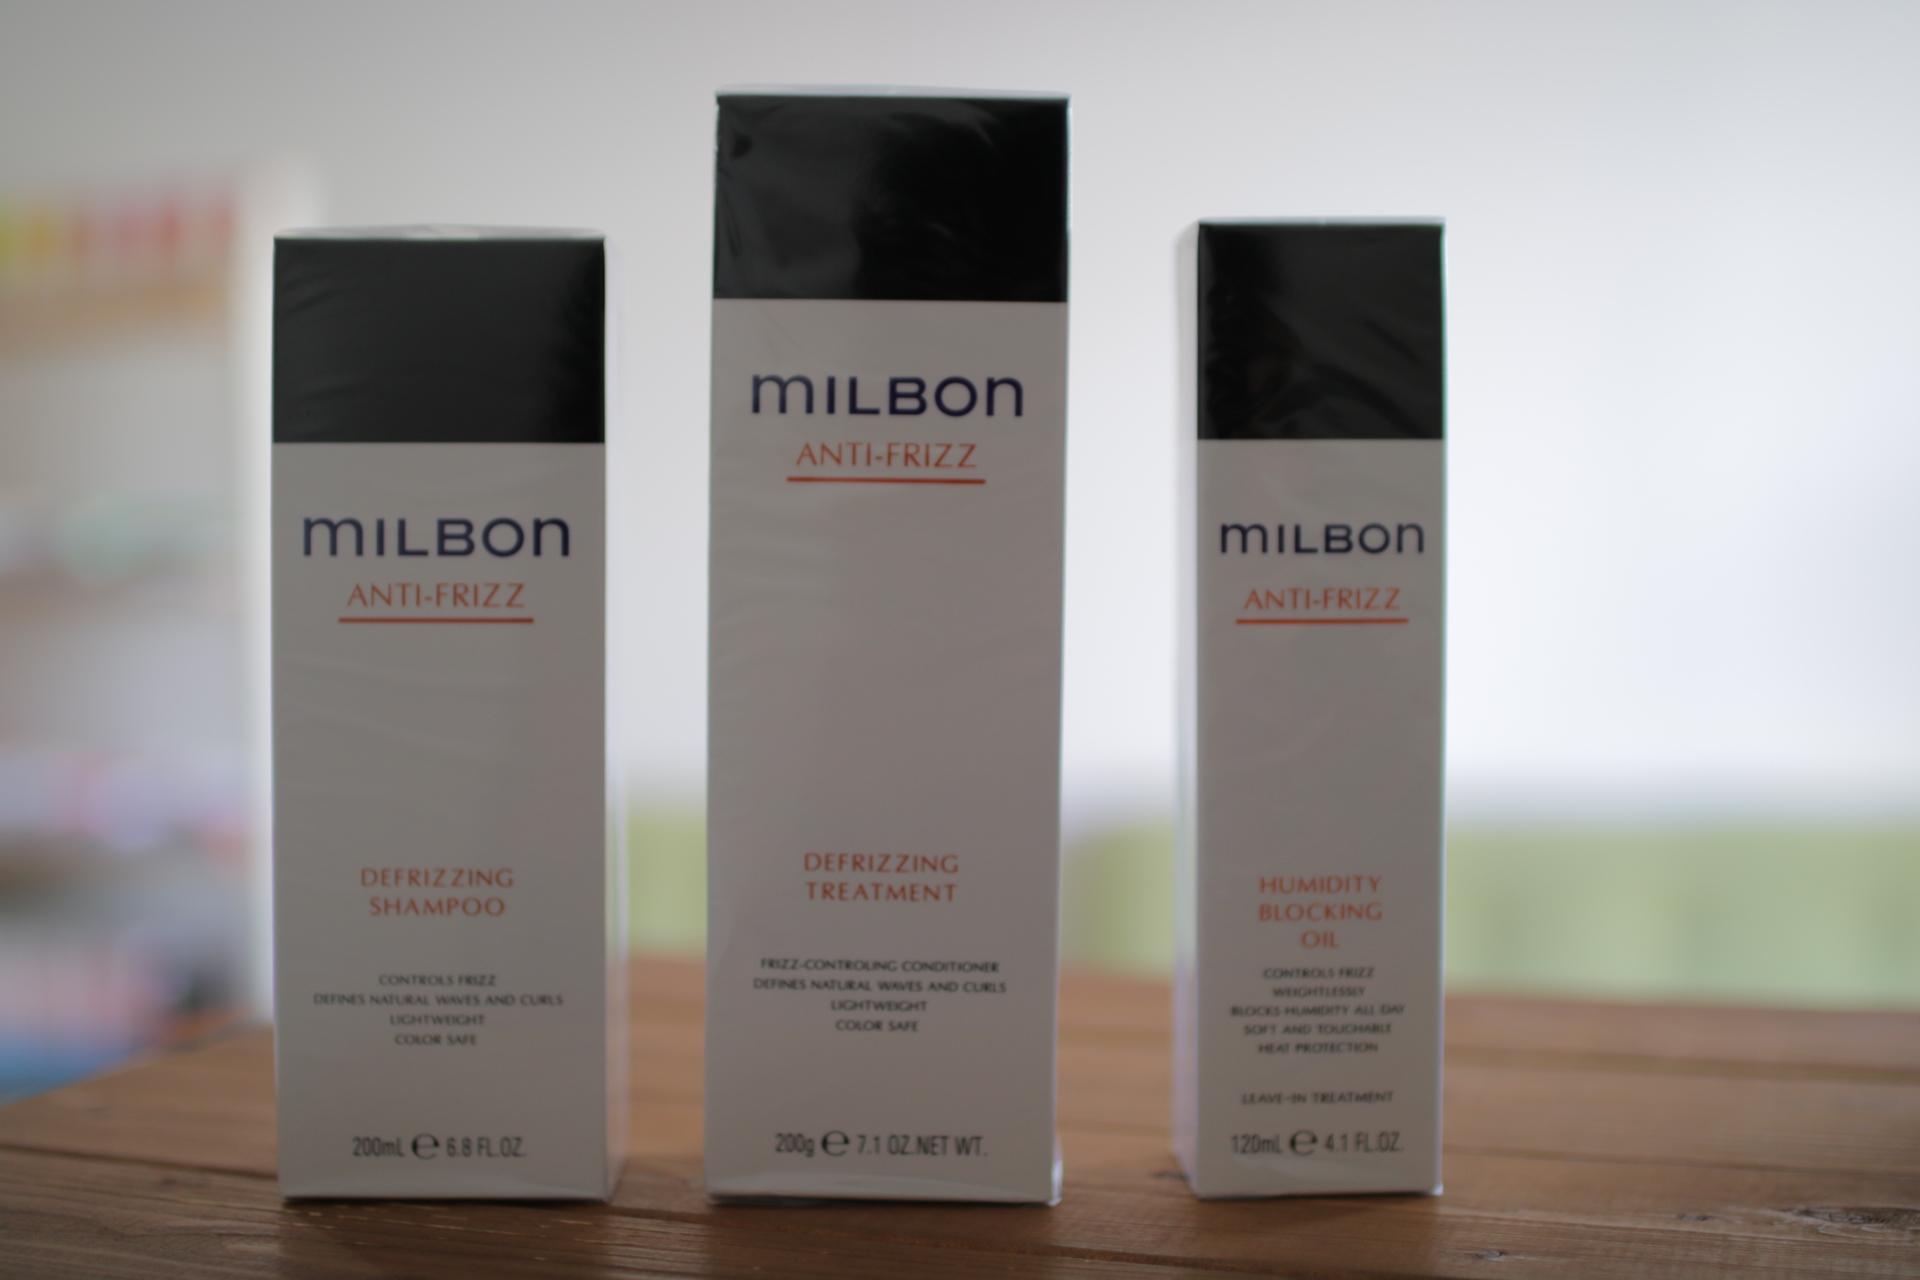 まとまるミルボン[mILBON]ANTI-FRIZZ